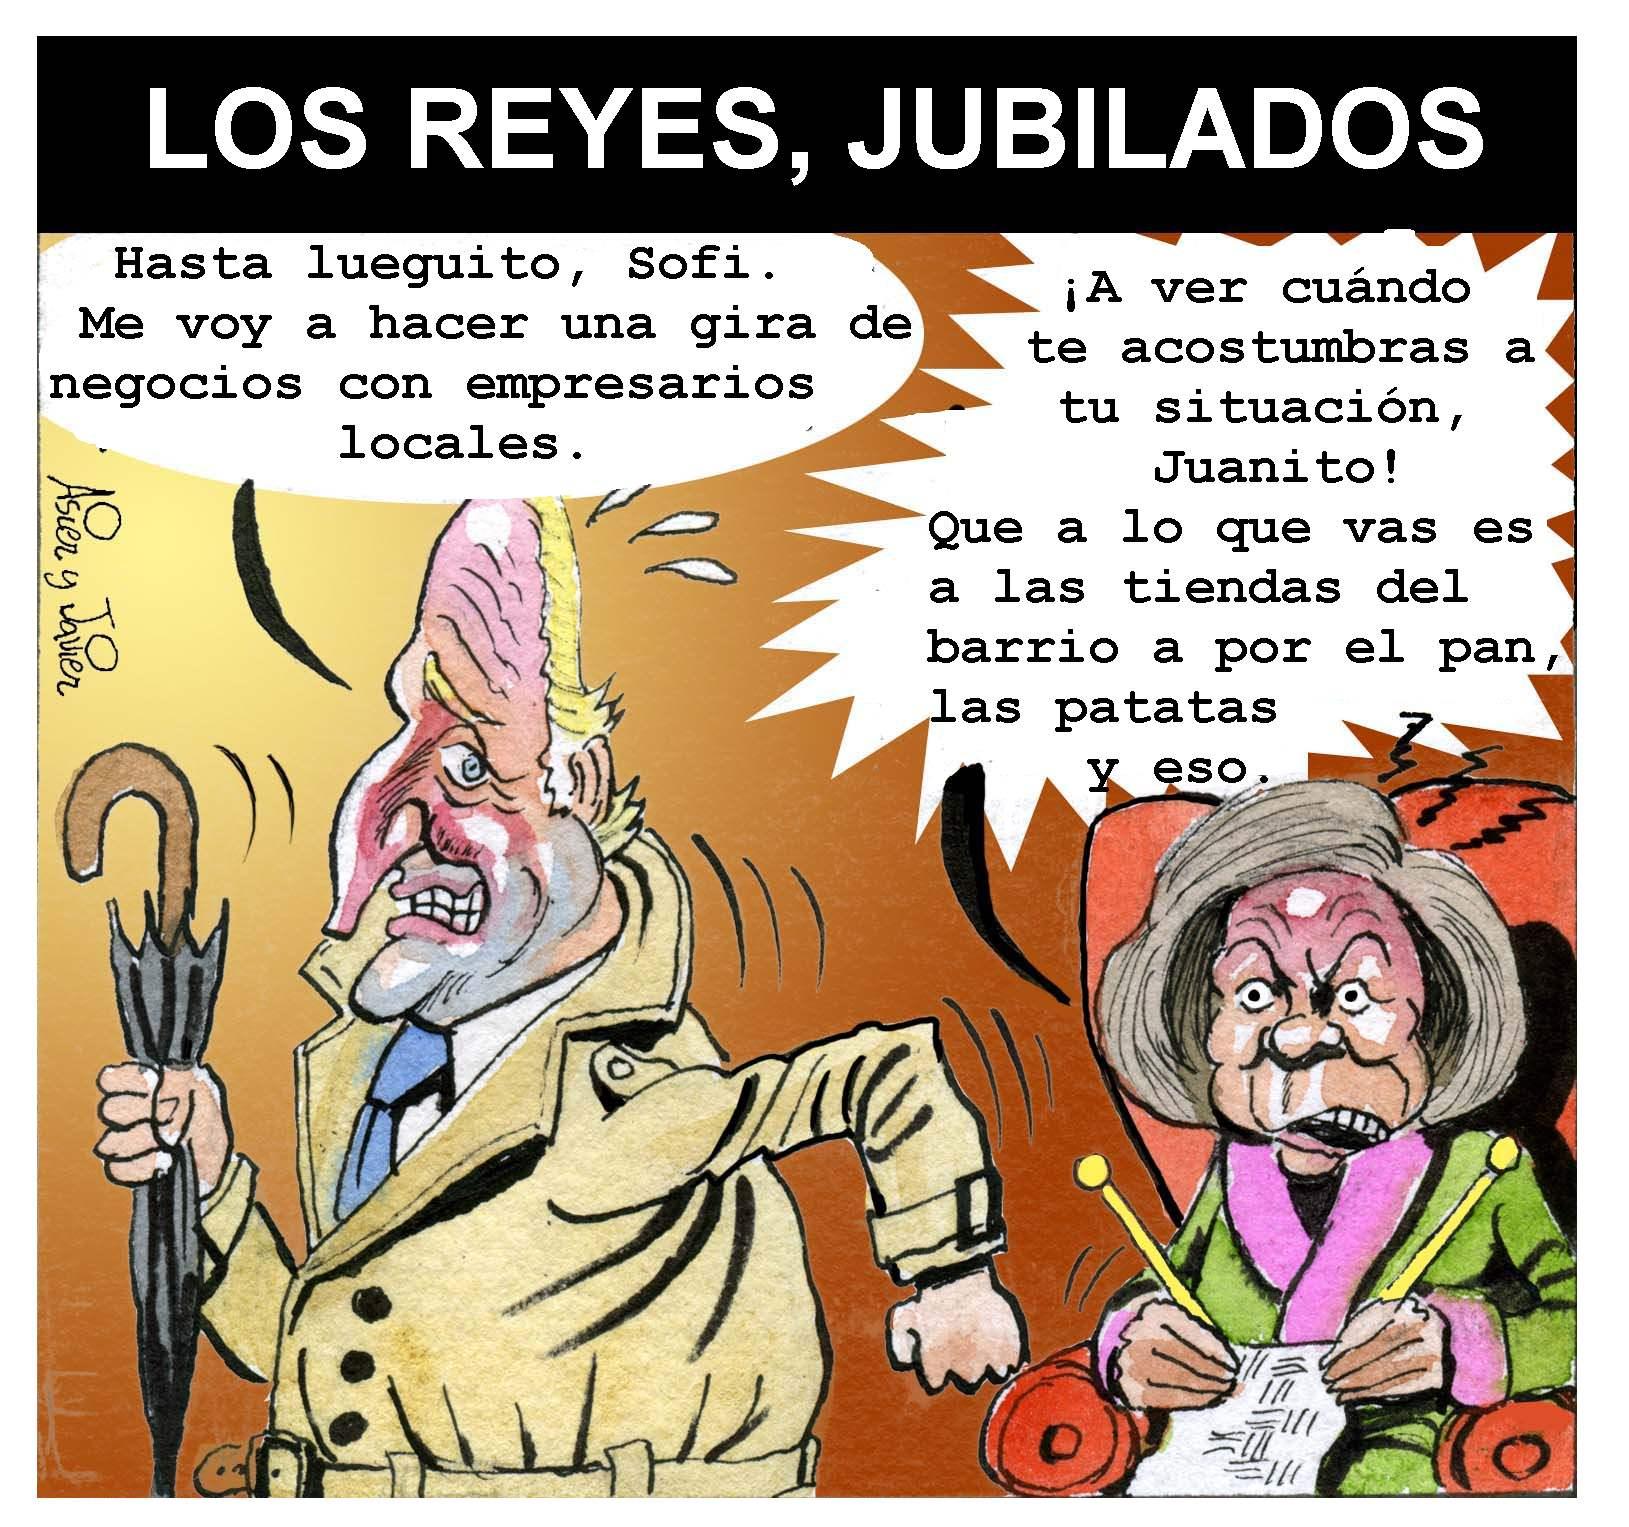 Los reyes de España, Juan Carlos de Borbón y Sofía de Grecia, jubilados.  Caricatura, Humor, Viñeta.